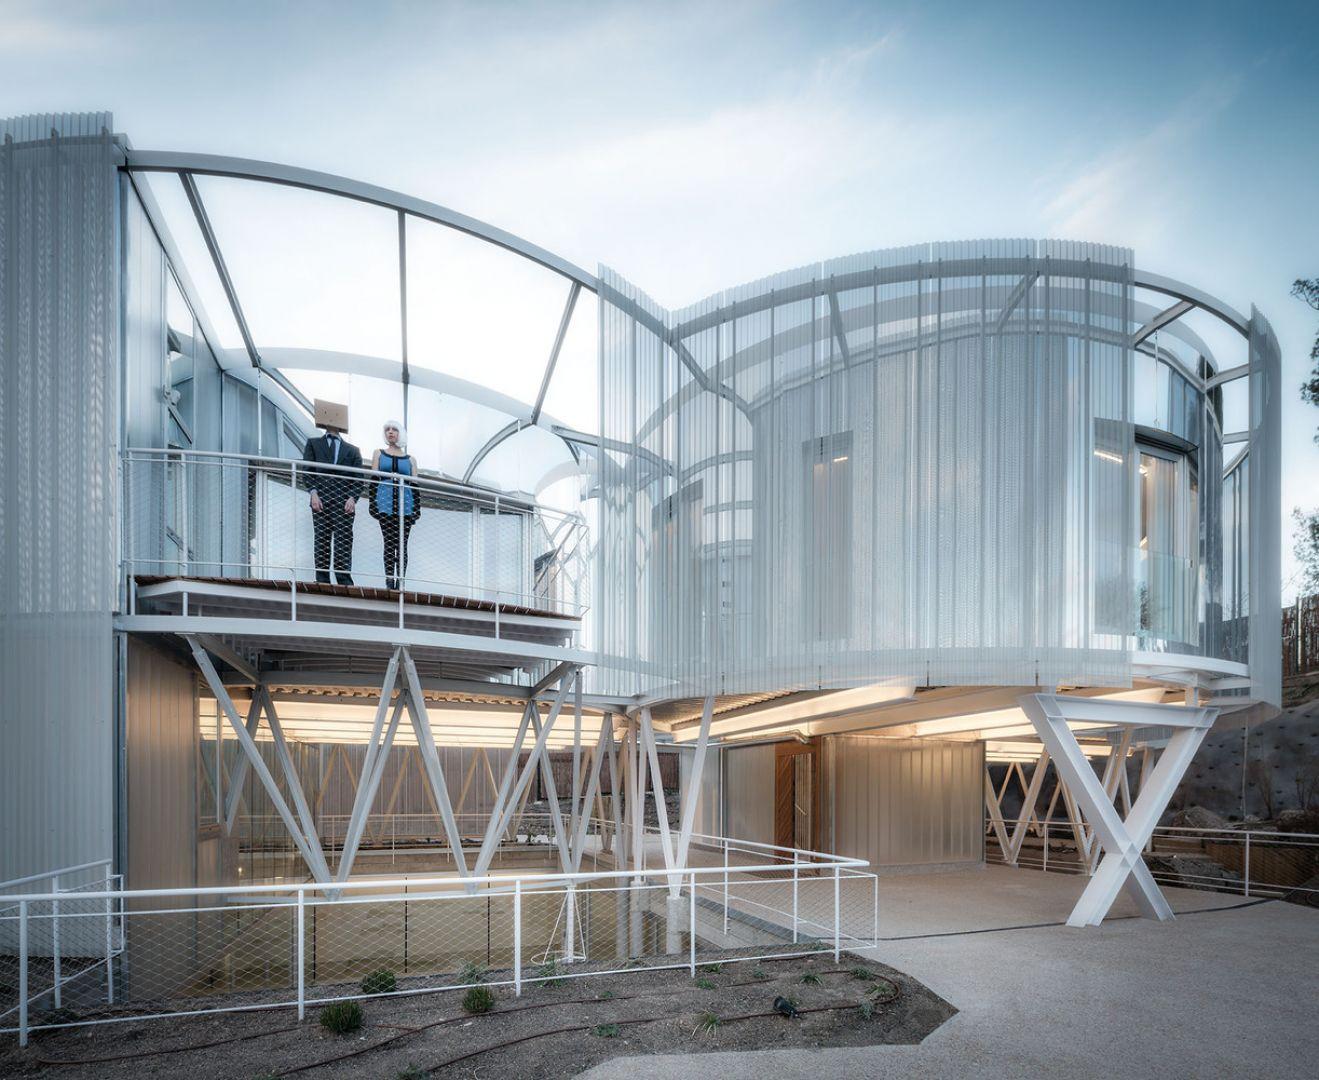 Projekt architektów ze studia Z4Z4 AAA zakładał wybudowanie  dwóch odrębnych domów, pomiędzy którymi mieści się parking samochodowy oraz wejście i dwie klatki schodowe. Fot. Imagen Subliminal